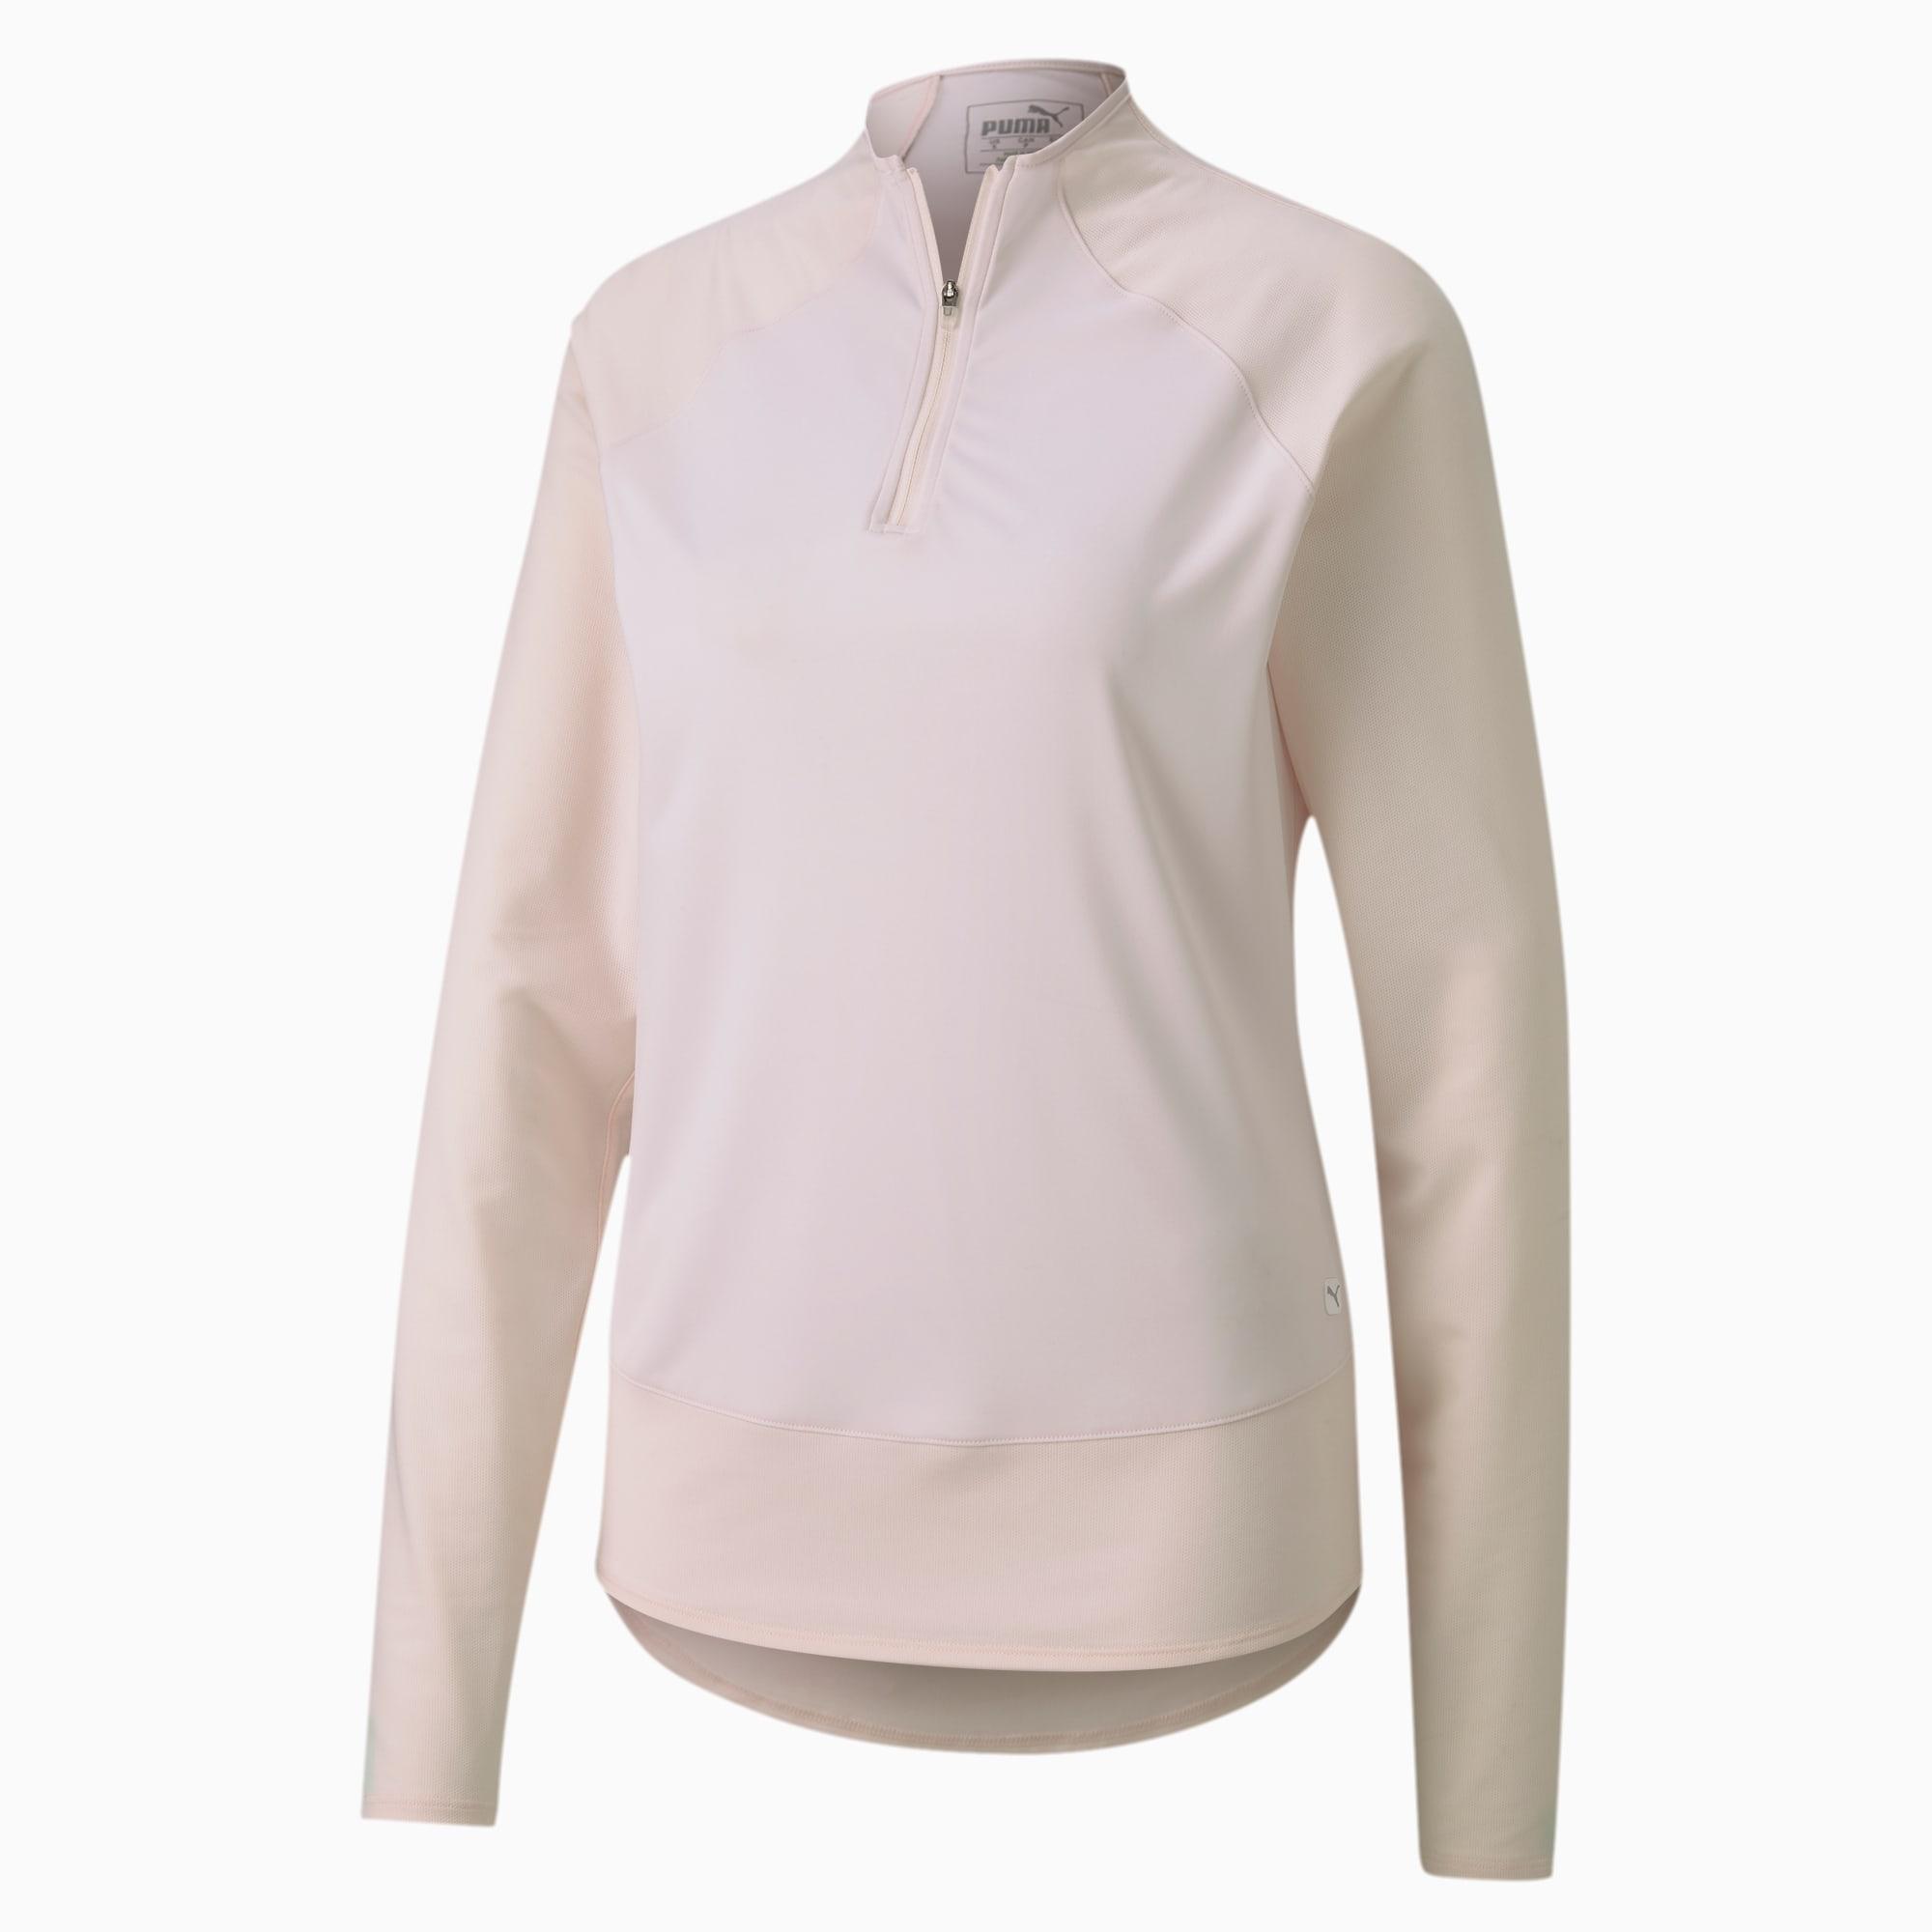 PUMA Pull de golf Mesh 1/4 Zip pour Femme, Rose, Taille XS, Vêtements